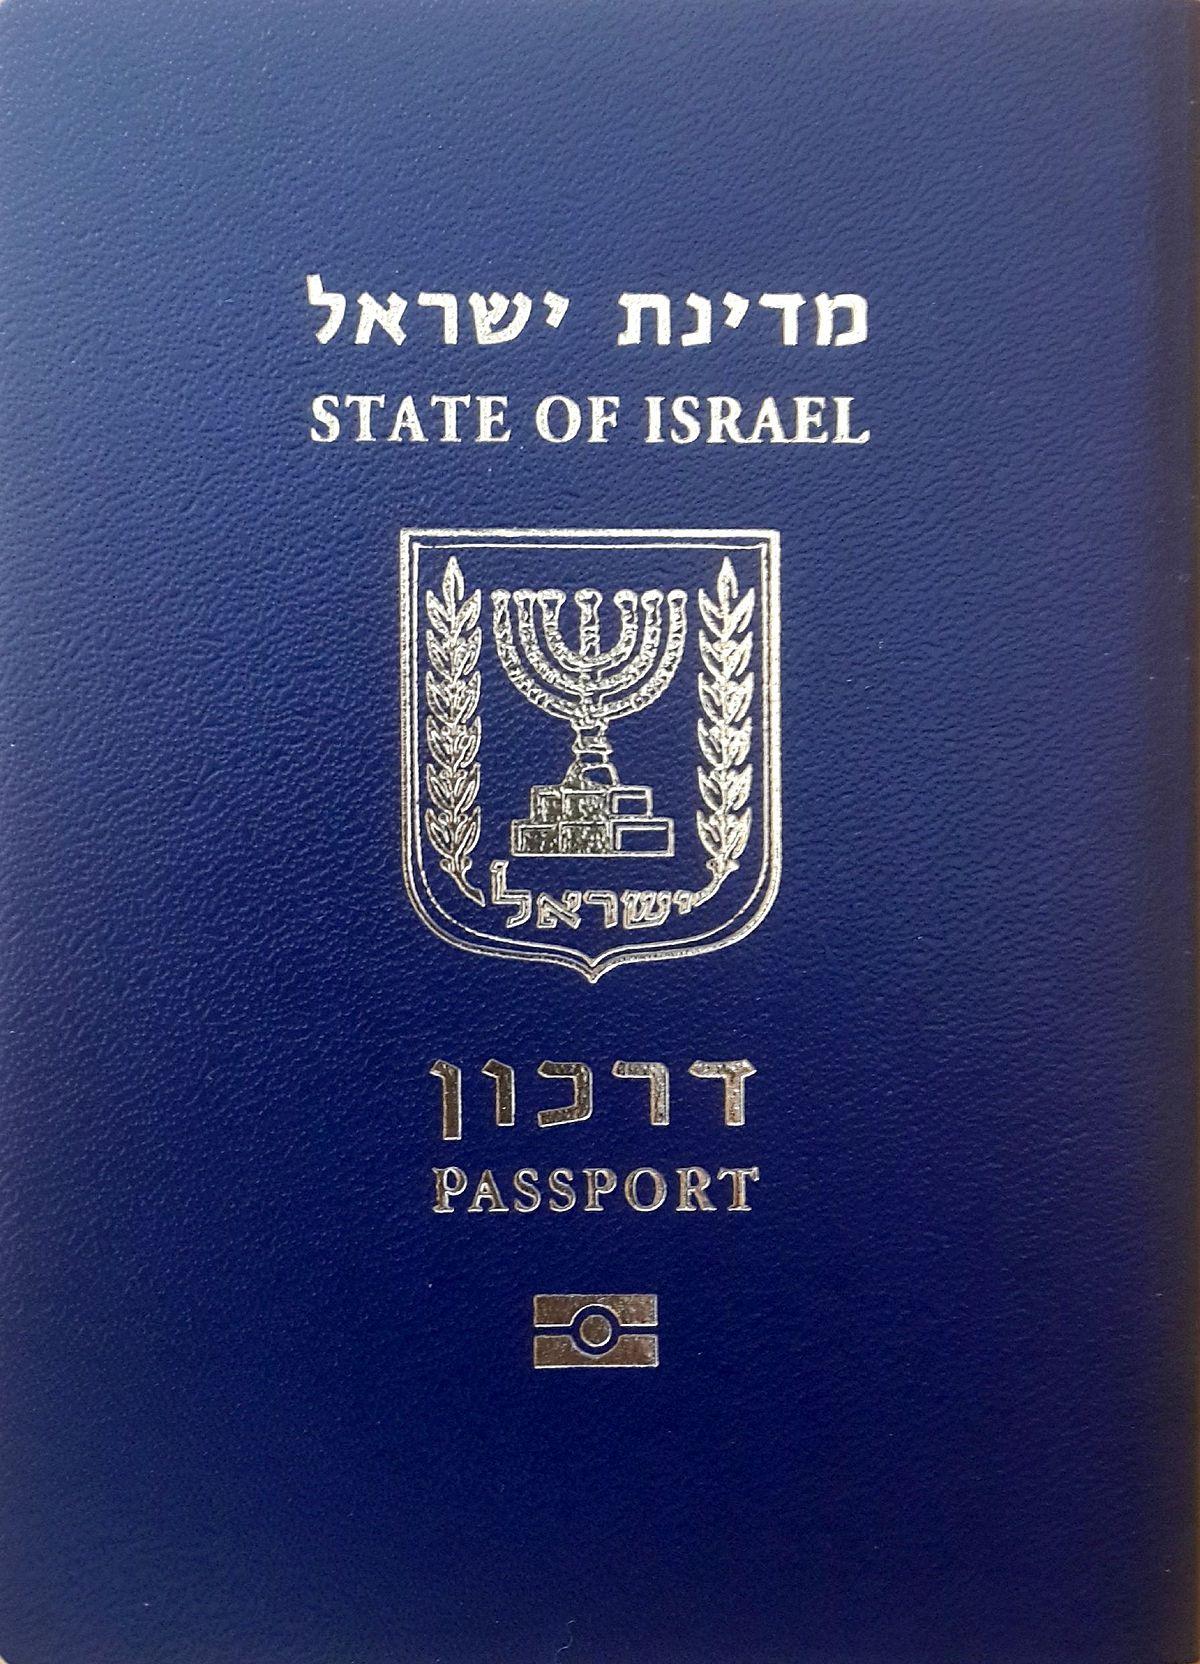 بالصور صور جواز سفر , صور مجموعة جوازات السفر جميع الدول 2954 8